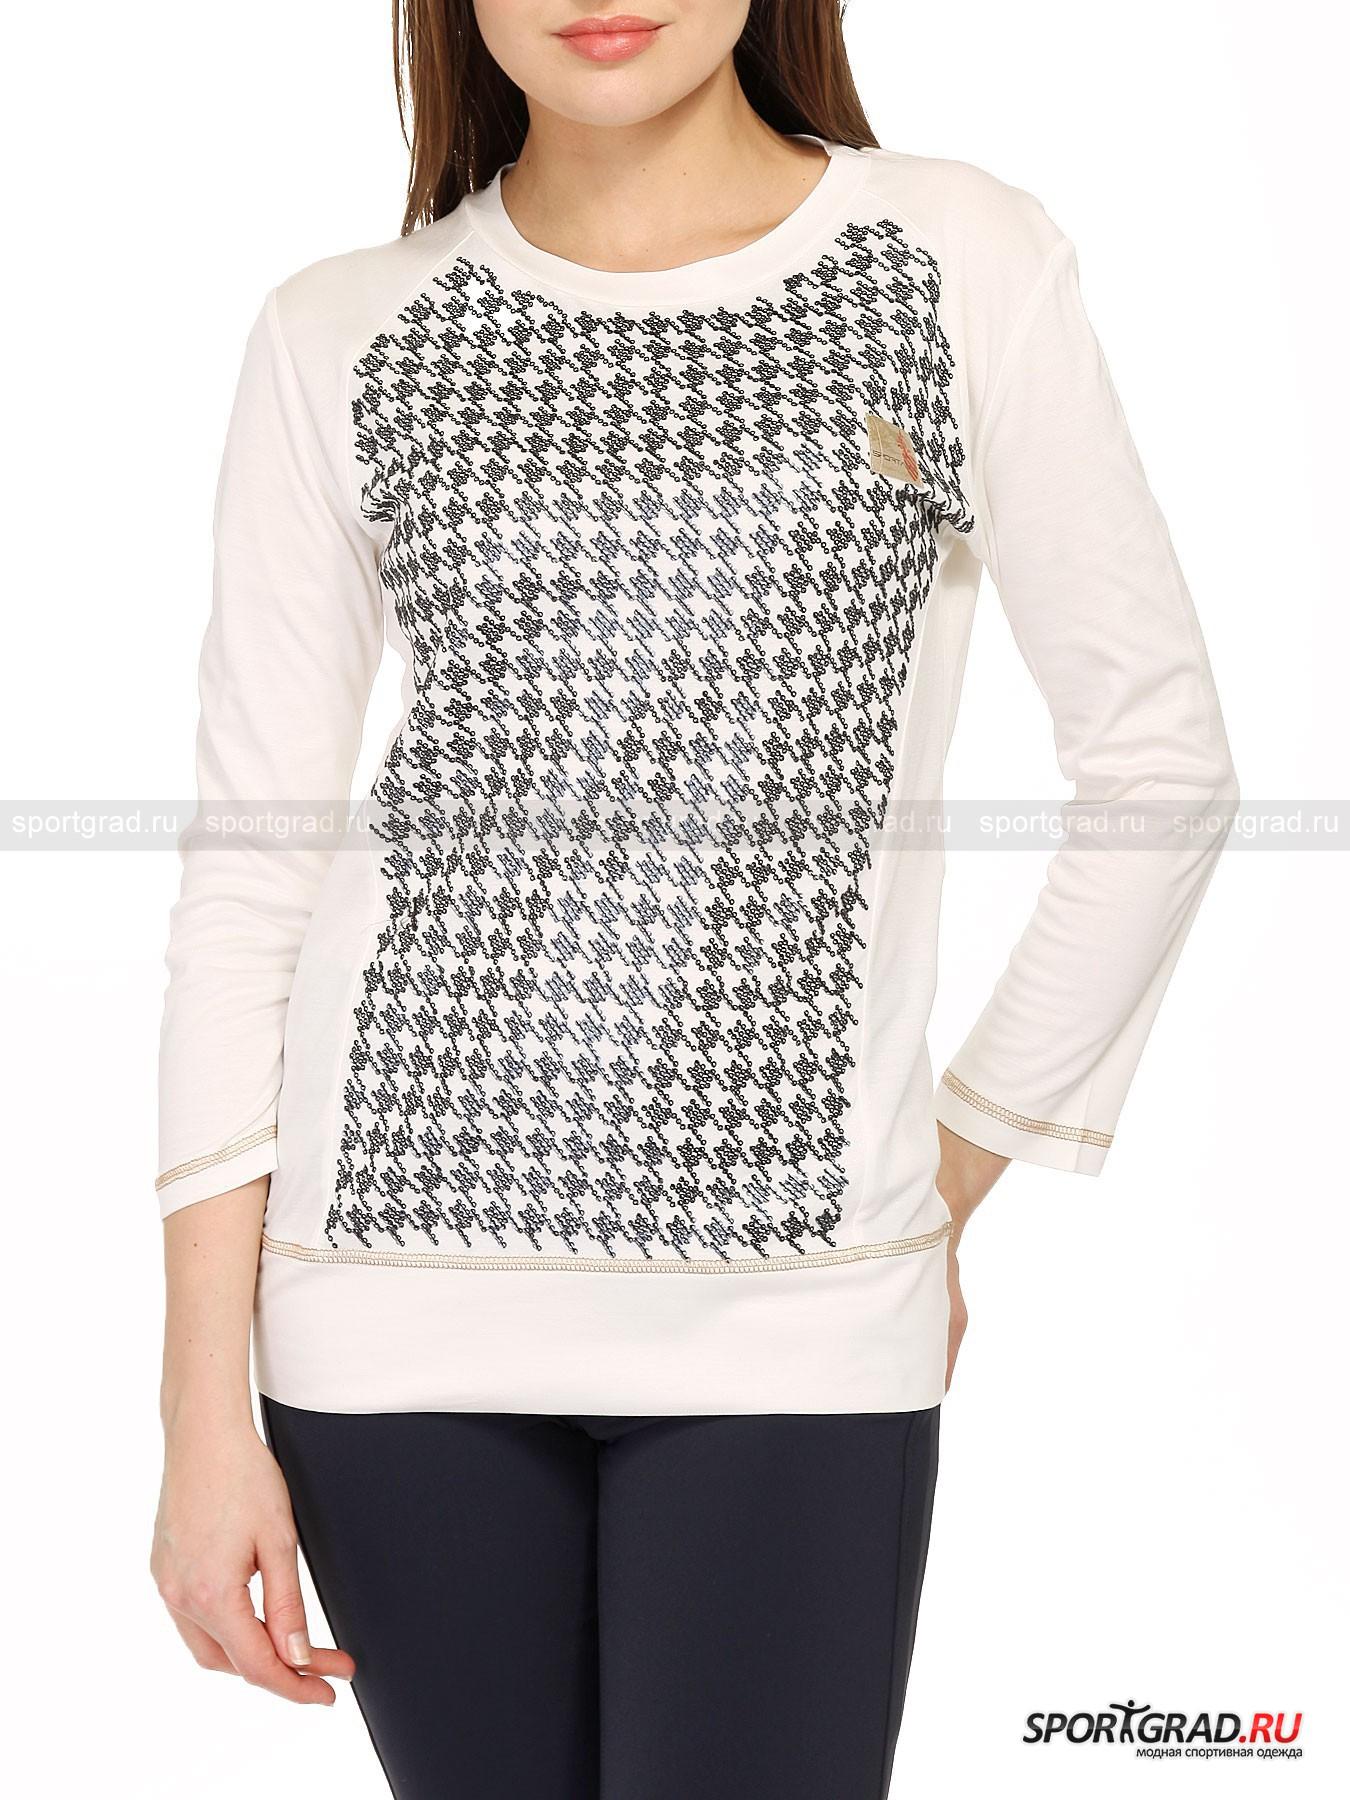 Футболка женская Rick Castele SPORTALMДжемперы, Свитеры, Пуловеры<br>Женская футболка с длинными рукавами Rick Castele SPORTALM и динамичным рисунком, созданным из нашитых в определенном порядке пайеток спереди. Материал изделия лёгок и приятен на ощупь, в нём комфортно в теплую погоду. Этот лонгслив универсален, так как подходит и для гардероба в спортивном стиле, и для создания офисных луков, если нет строгих требований дресс-кода.<br><br>Пол: Женский<br>Возраст: Взрослый<br>Тип: Джемперы, Свитеры, Пуловеры<br>Состав: 100% вискоза, 100% модал.